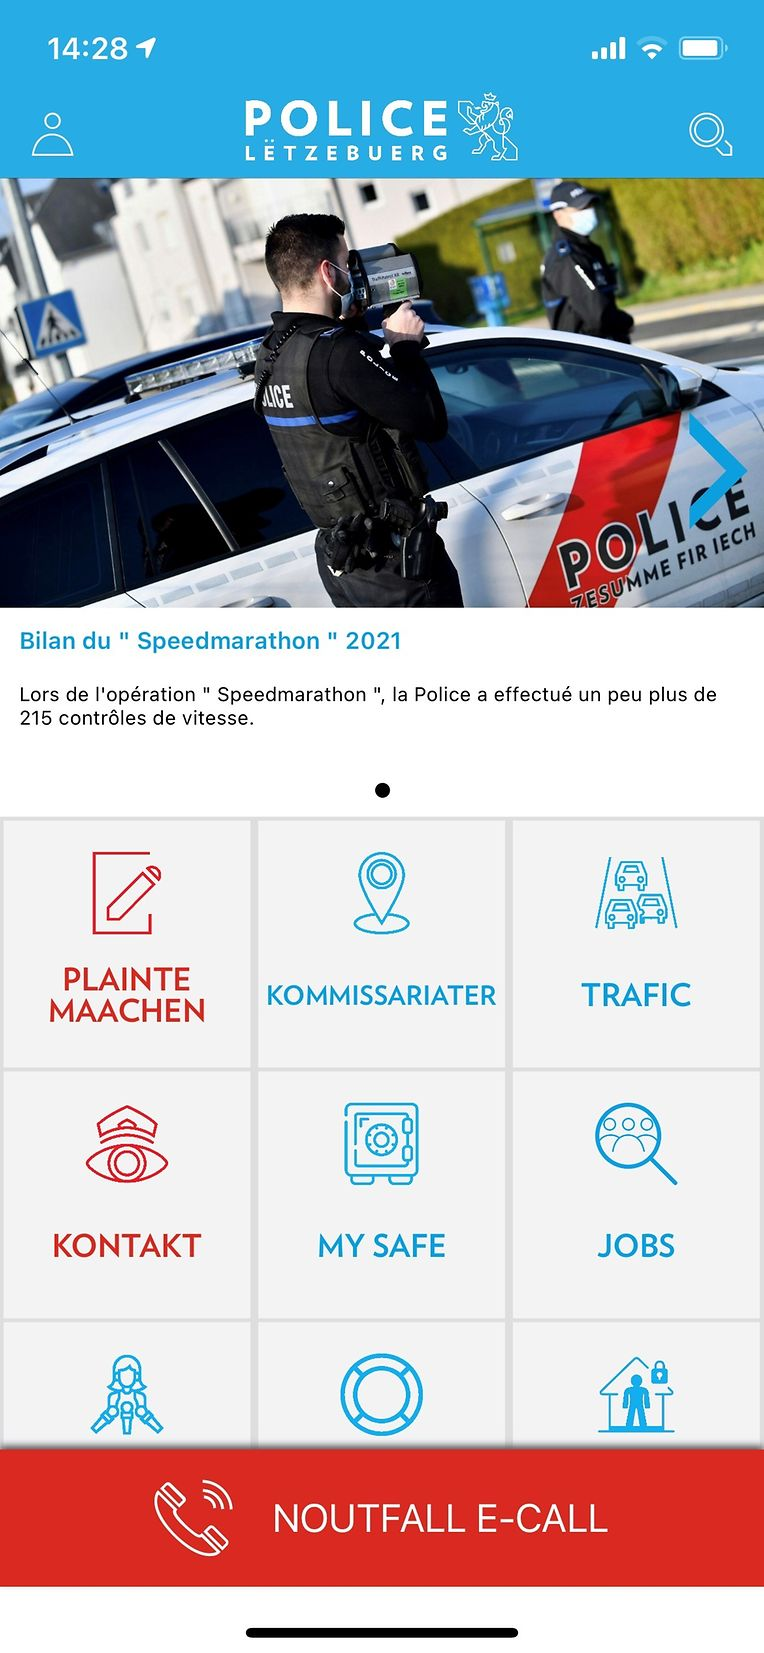 Das neueste Update der Polizei-App bietet den Nutzern mehrere neue Funktionen.